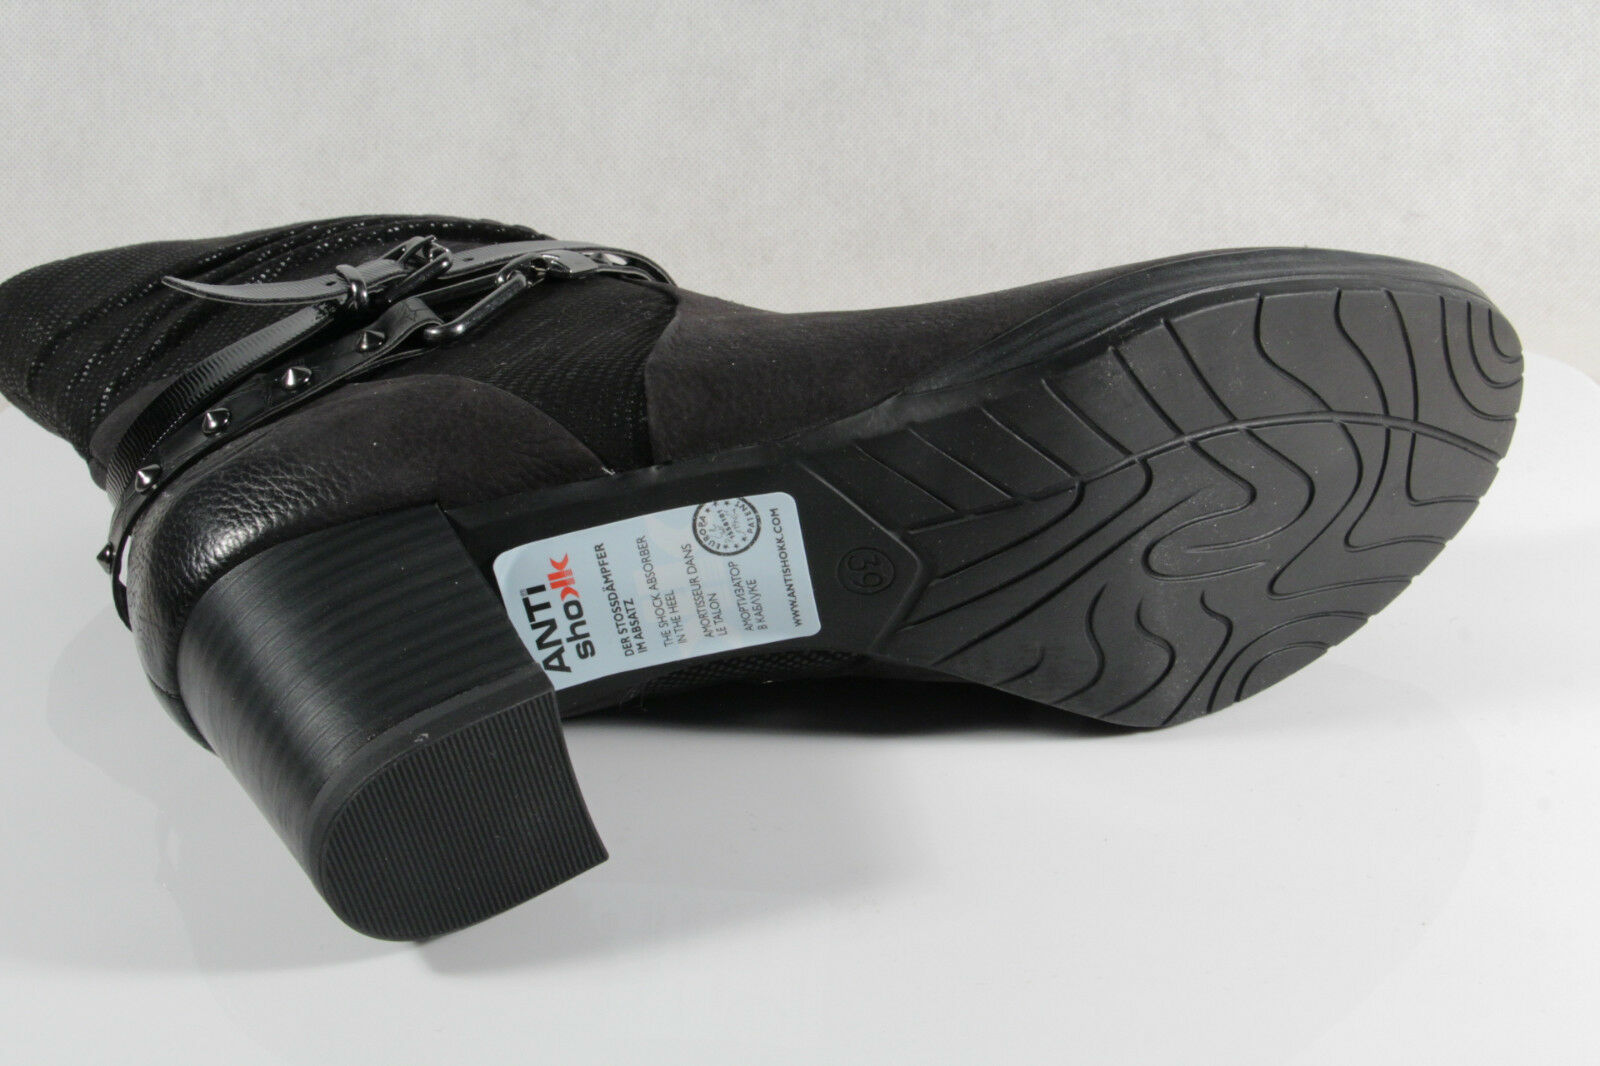 Marco Tozzi 25421 Stiefelette Stiefel, schwarz, Leder 25421 Tozzi NEU 01bd39